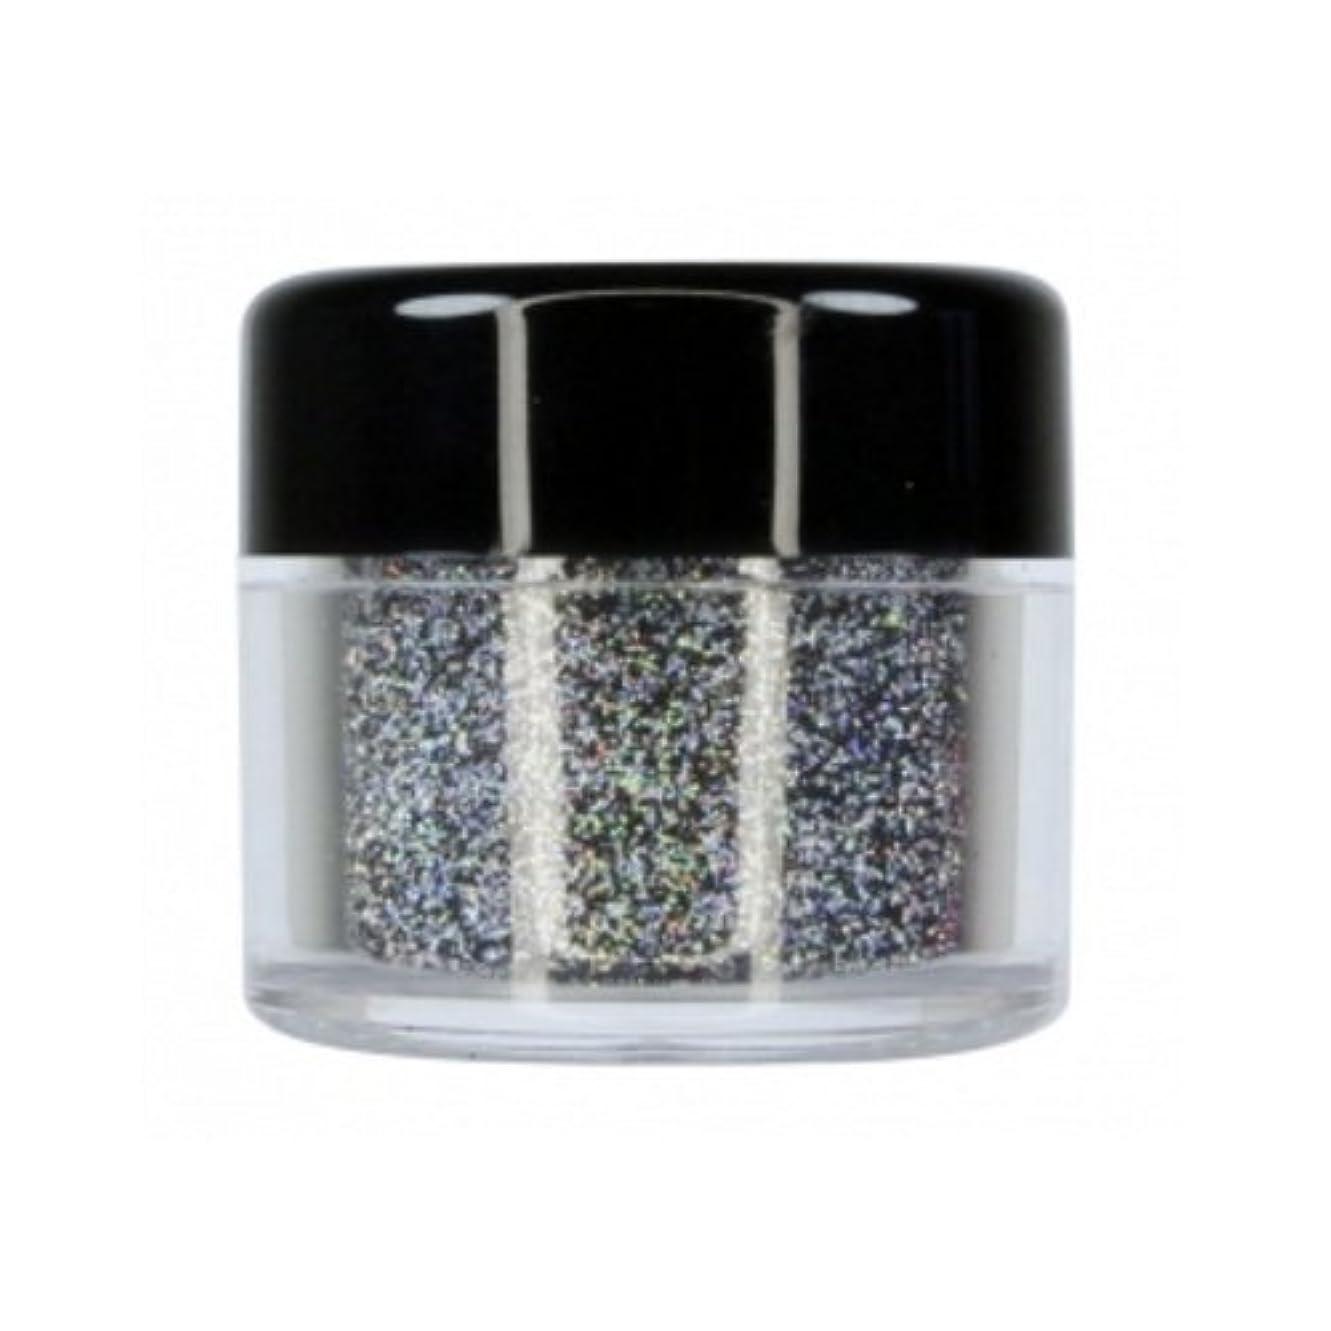 ロマンチックストッキング変成器(3 Pack) CITY COLOR Sparkle & Shine Ultra Fine Loose Glitter - Stroke Of Midnight (並行輸入品)